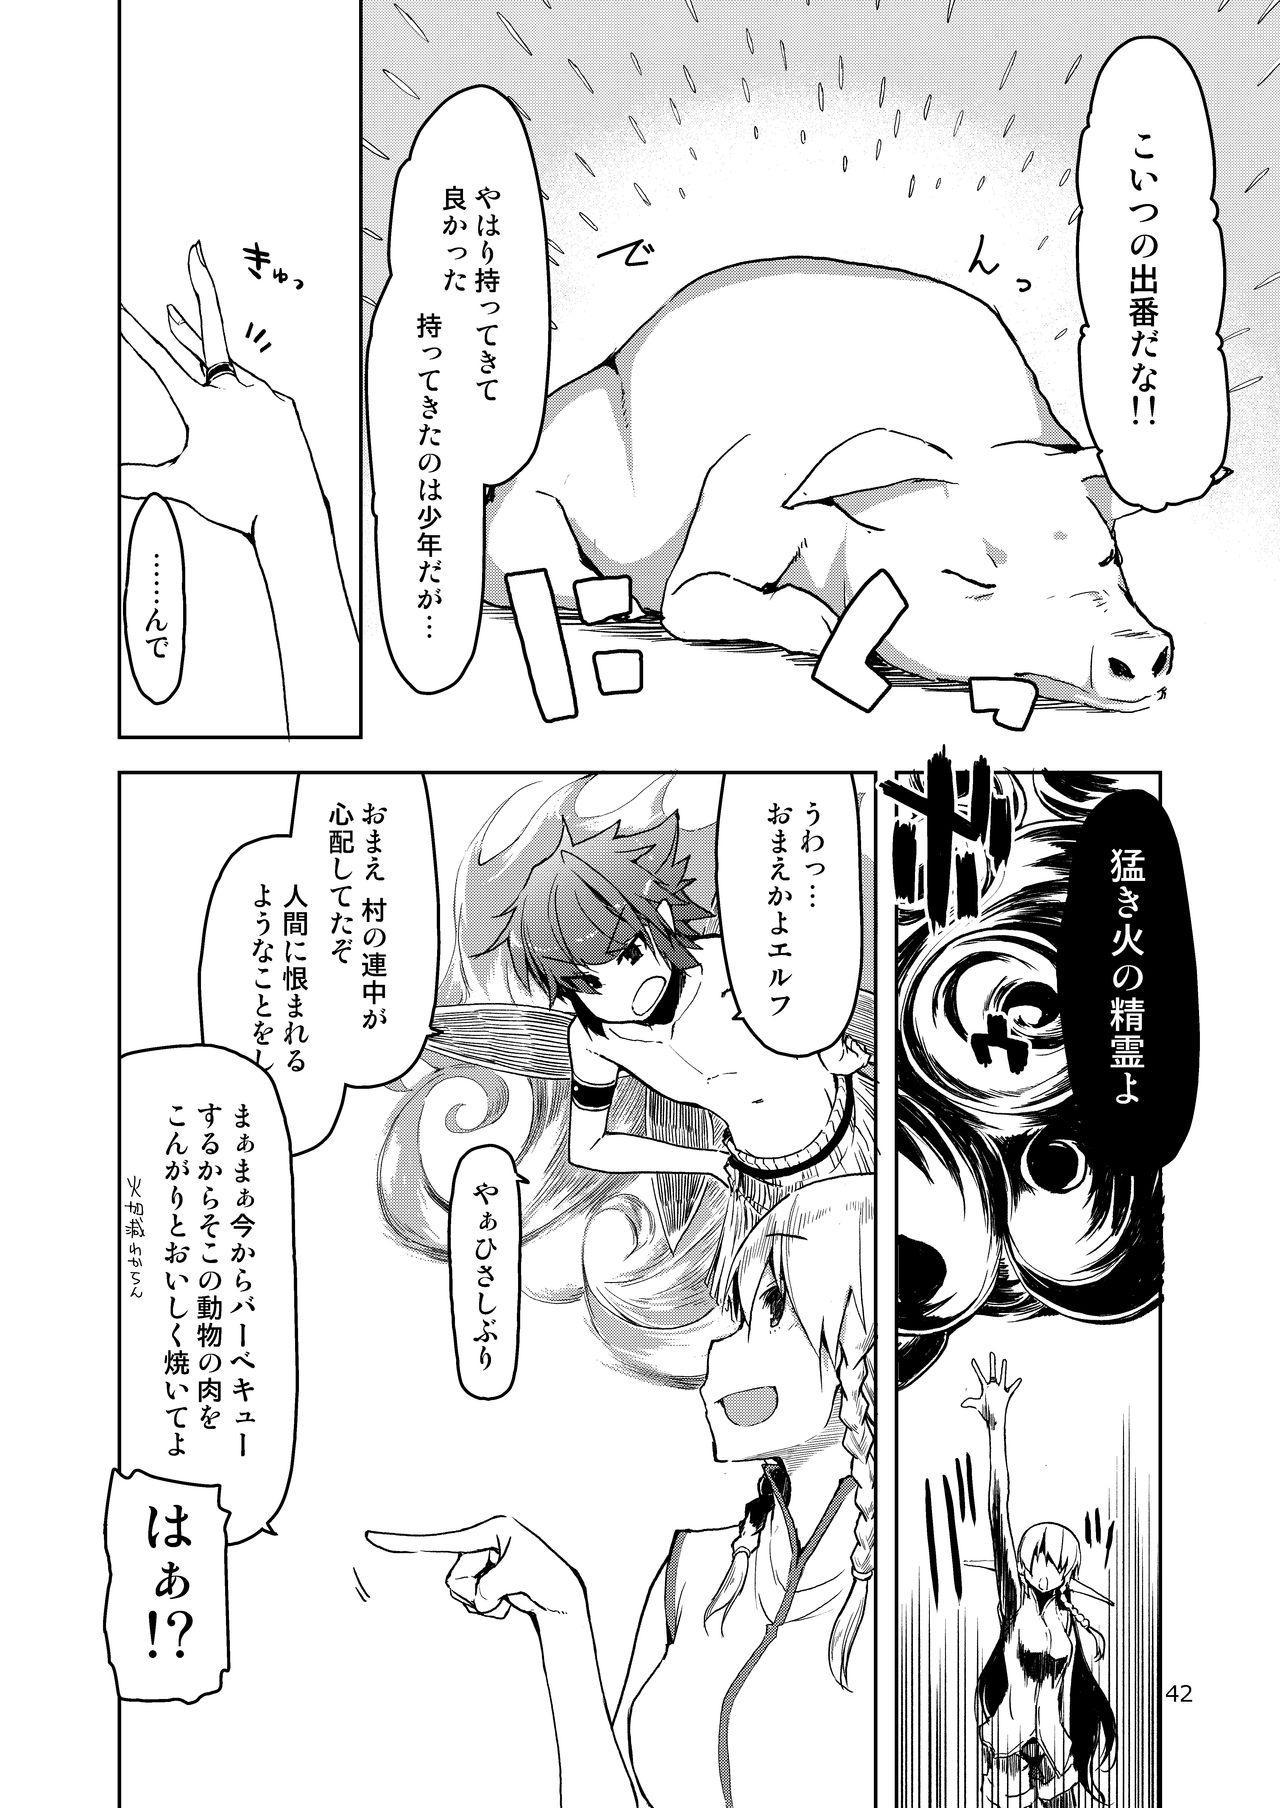 Dosukebe Elf no Ishukan Nikki Matome 2 42